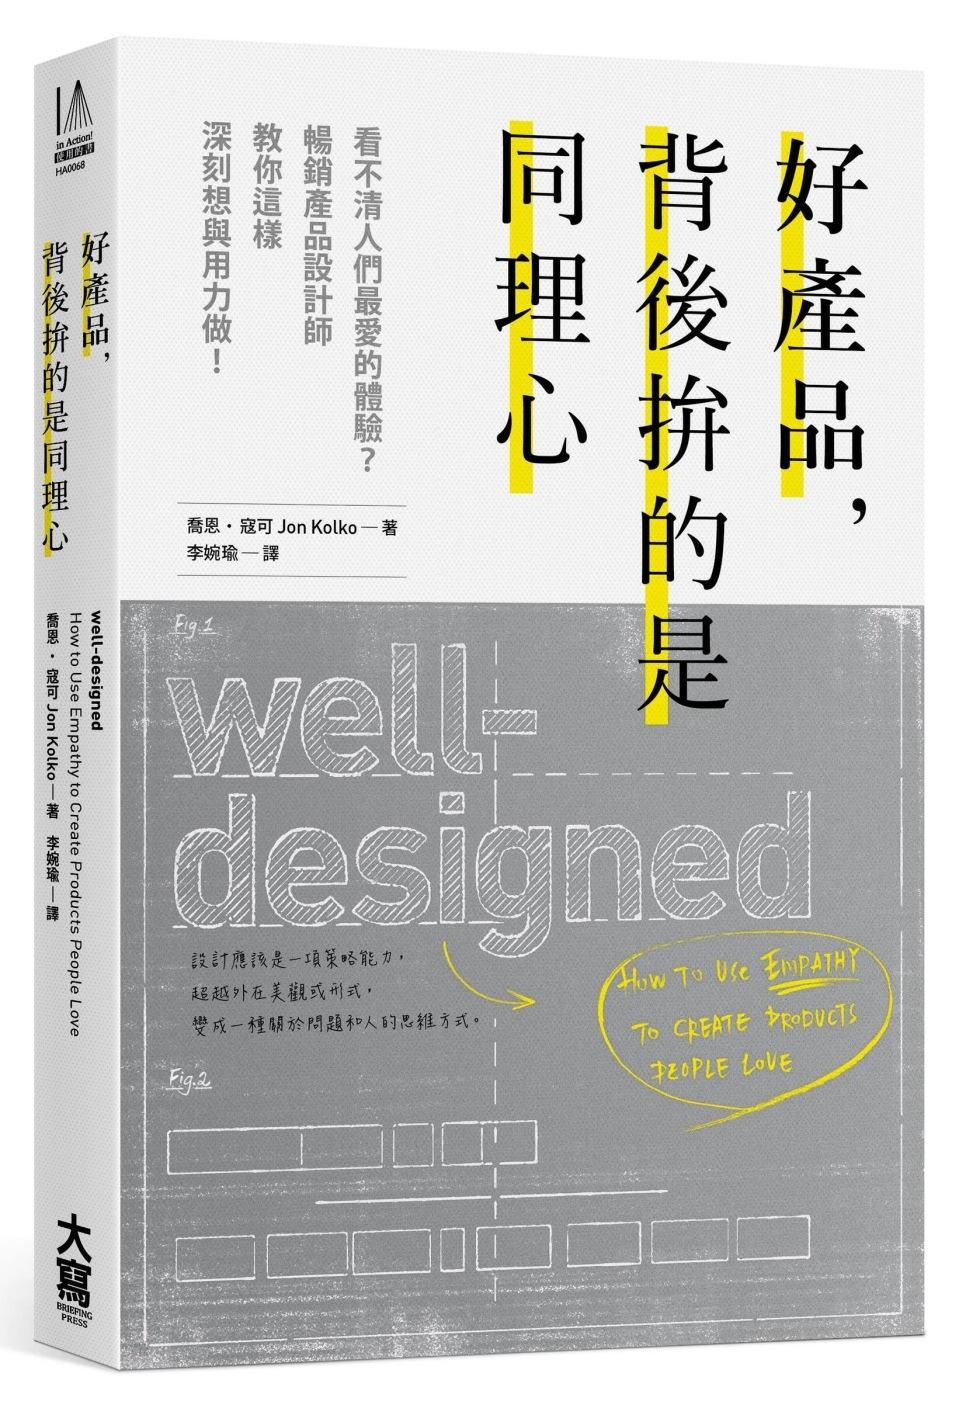 好產品,背後拚的是同理心:看不清人們最愛的體驗?暢銷產品設計師教你這樣深刻想與用力做!